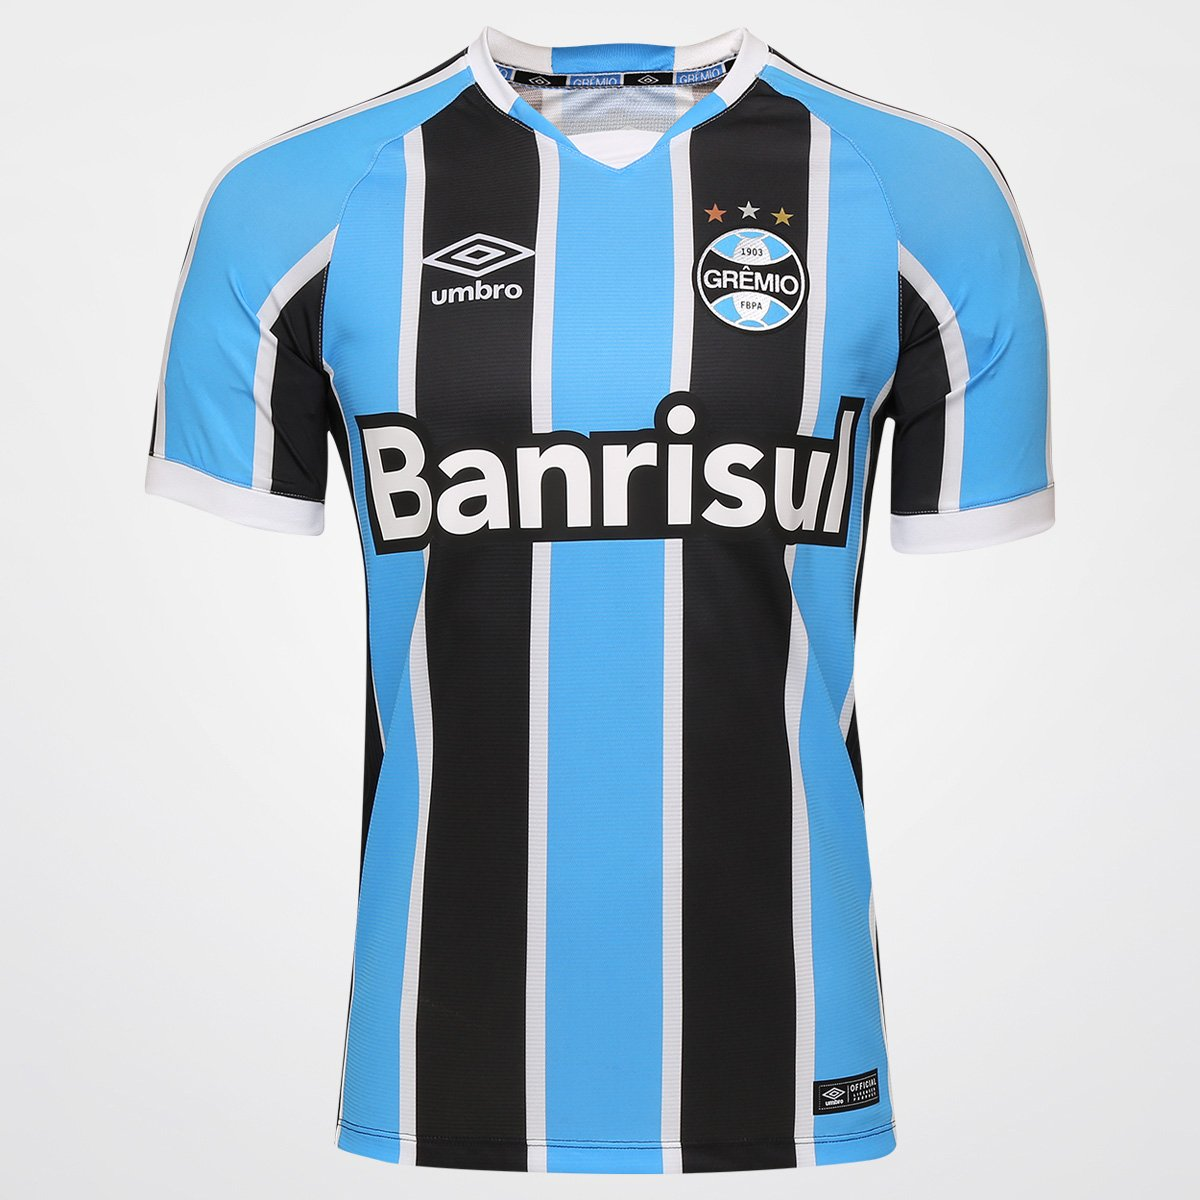 f4f3f80df7 Camisa Umbro Grêmio I 2016 s nº - Jogador - Compre Agora